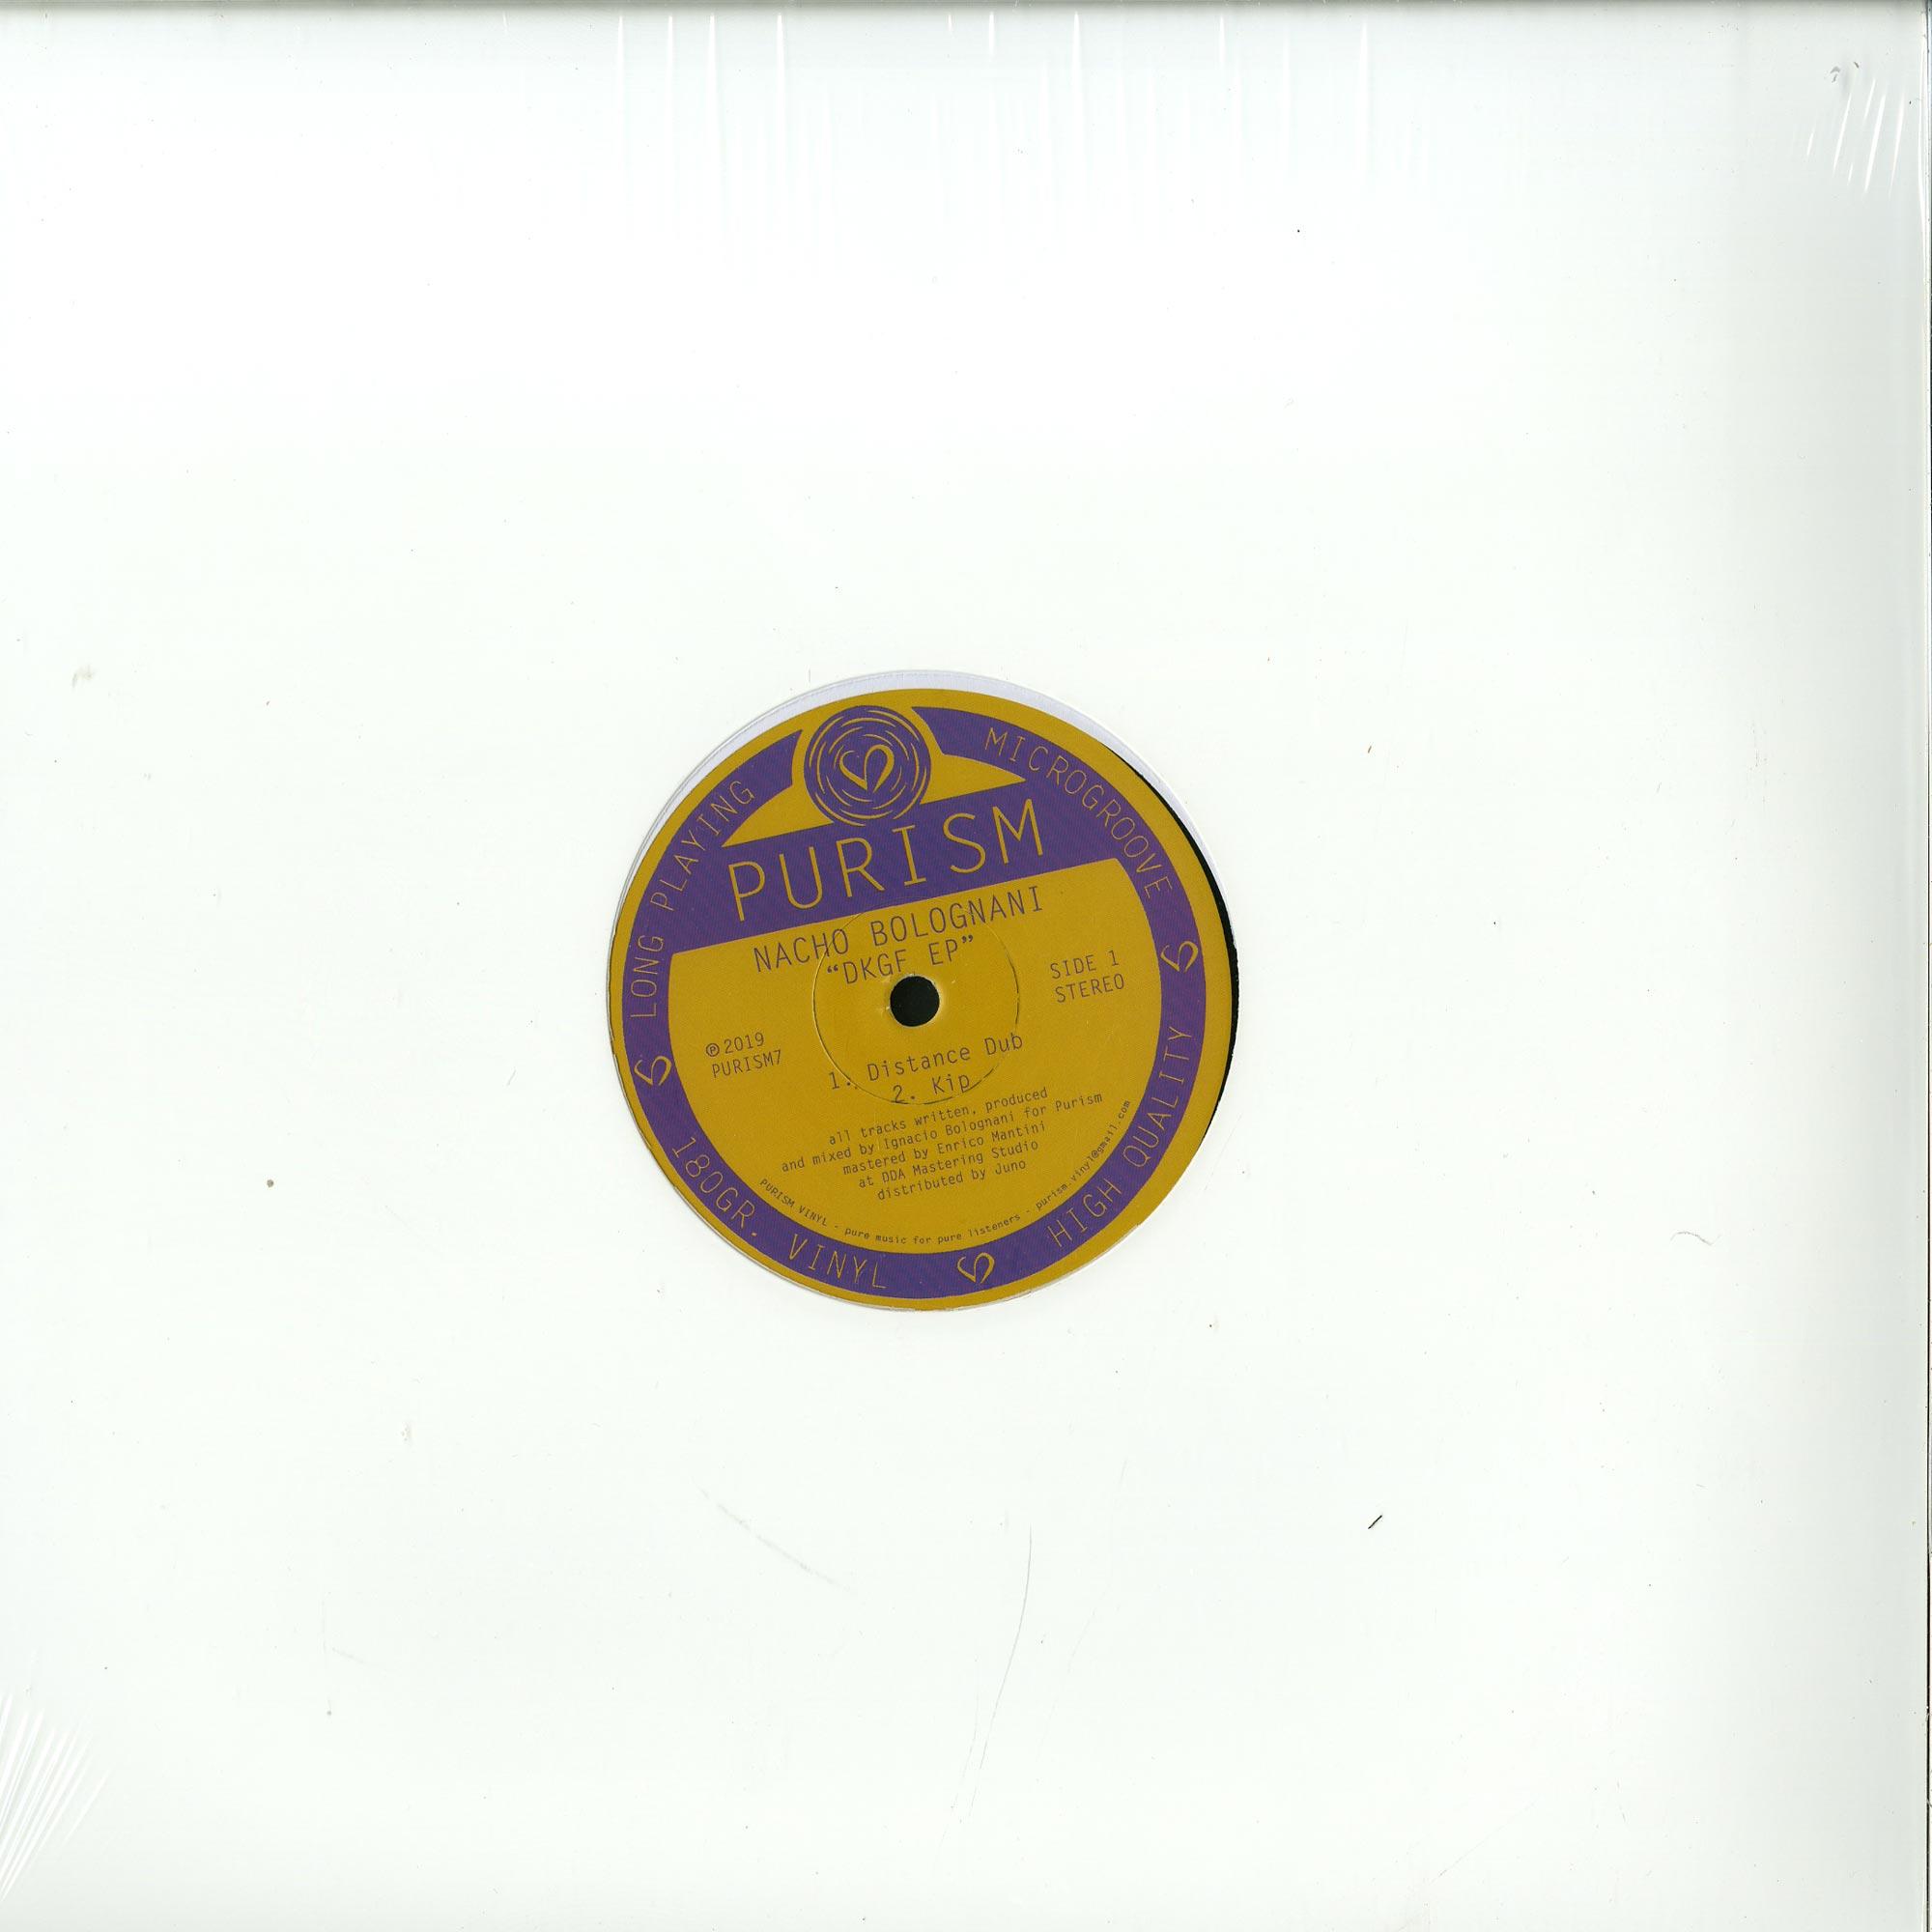 Nacho Bolognani - DKGF EP